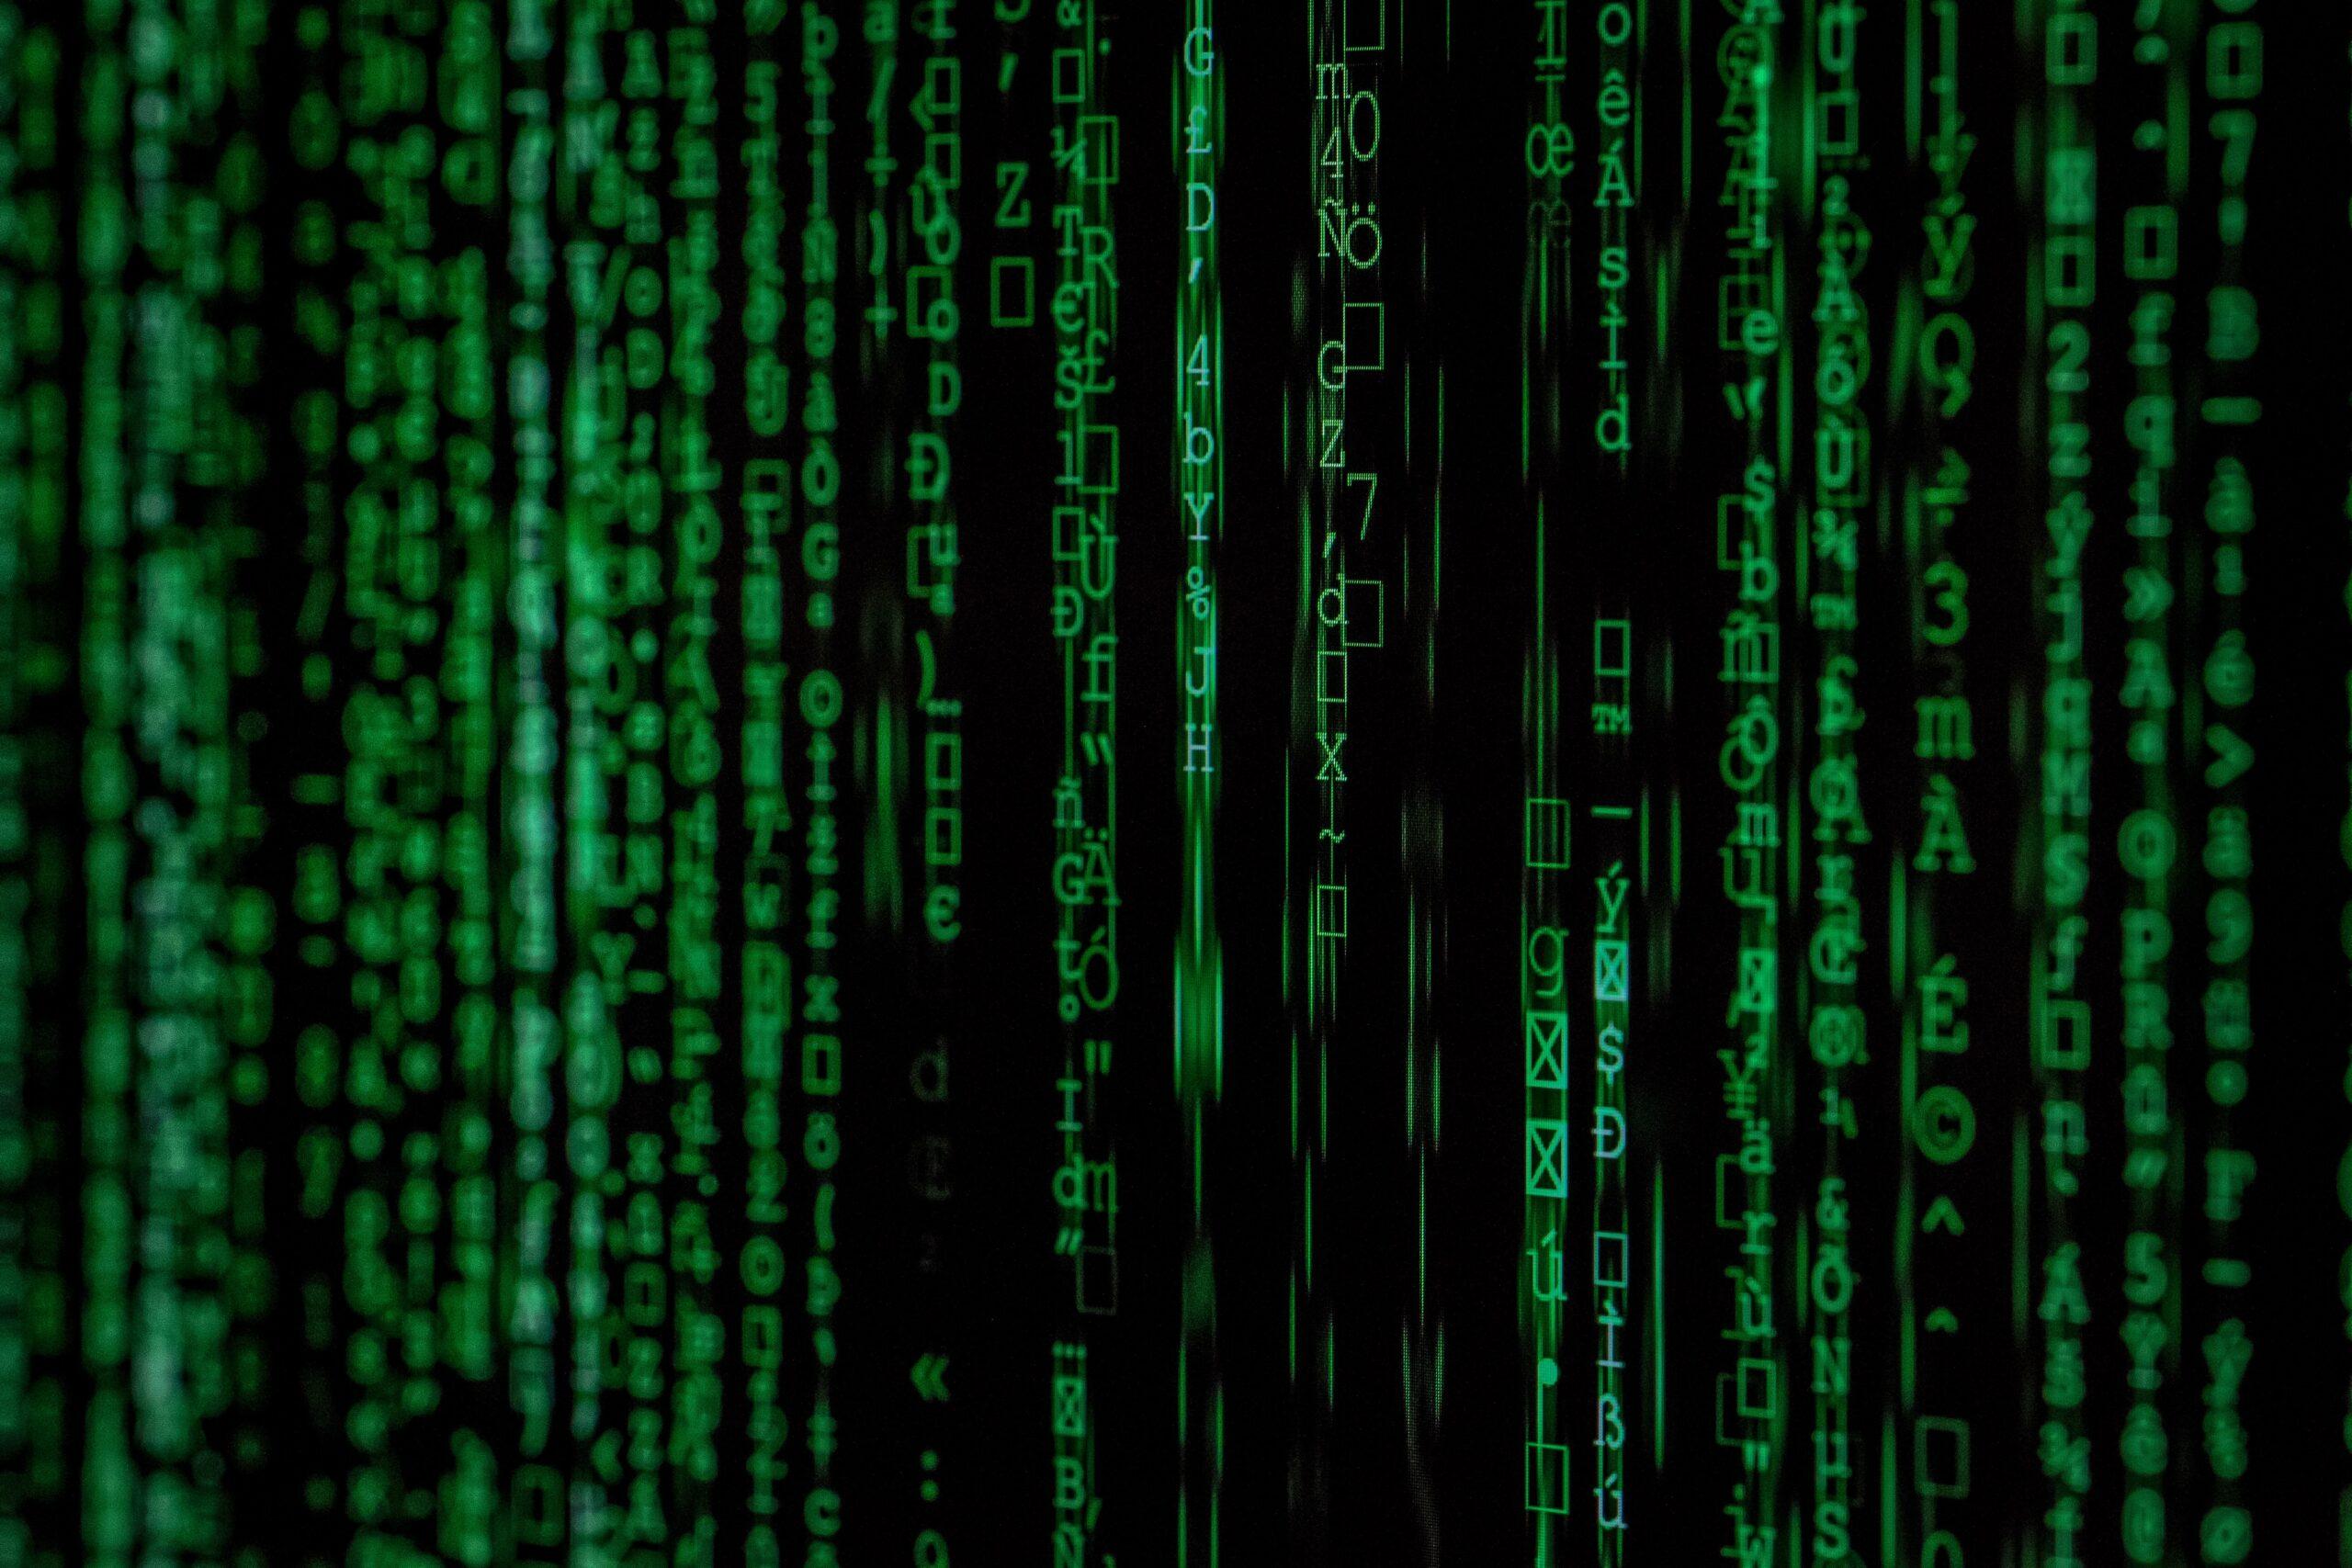 Quanto ne sai di cybercrime?